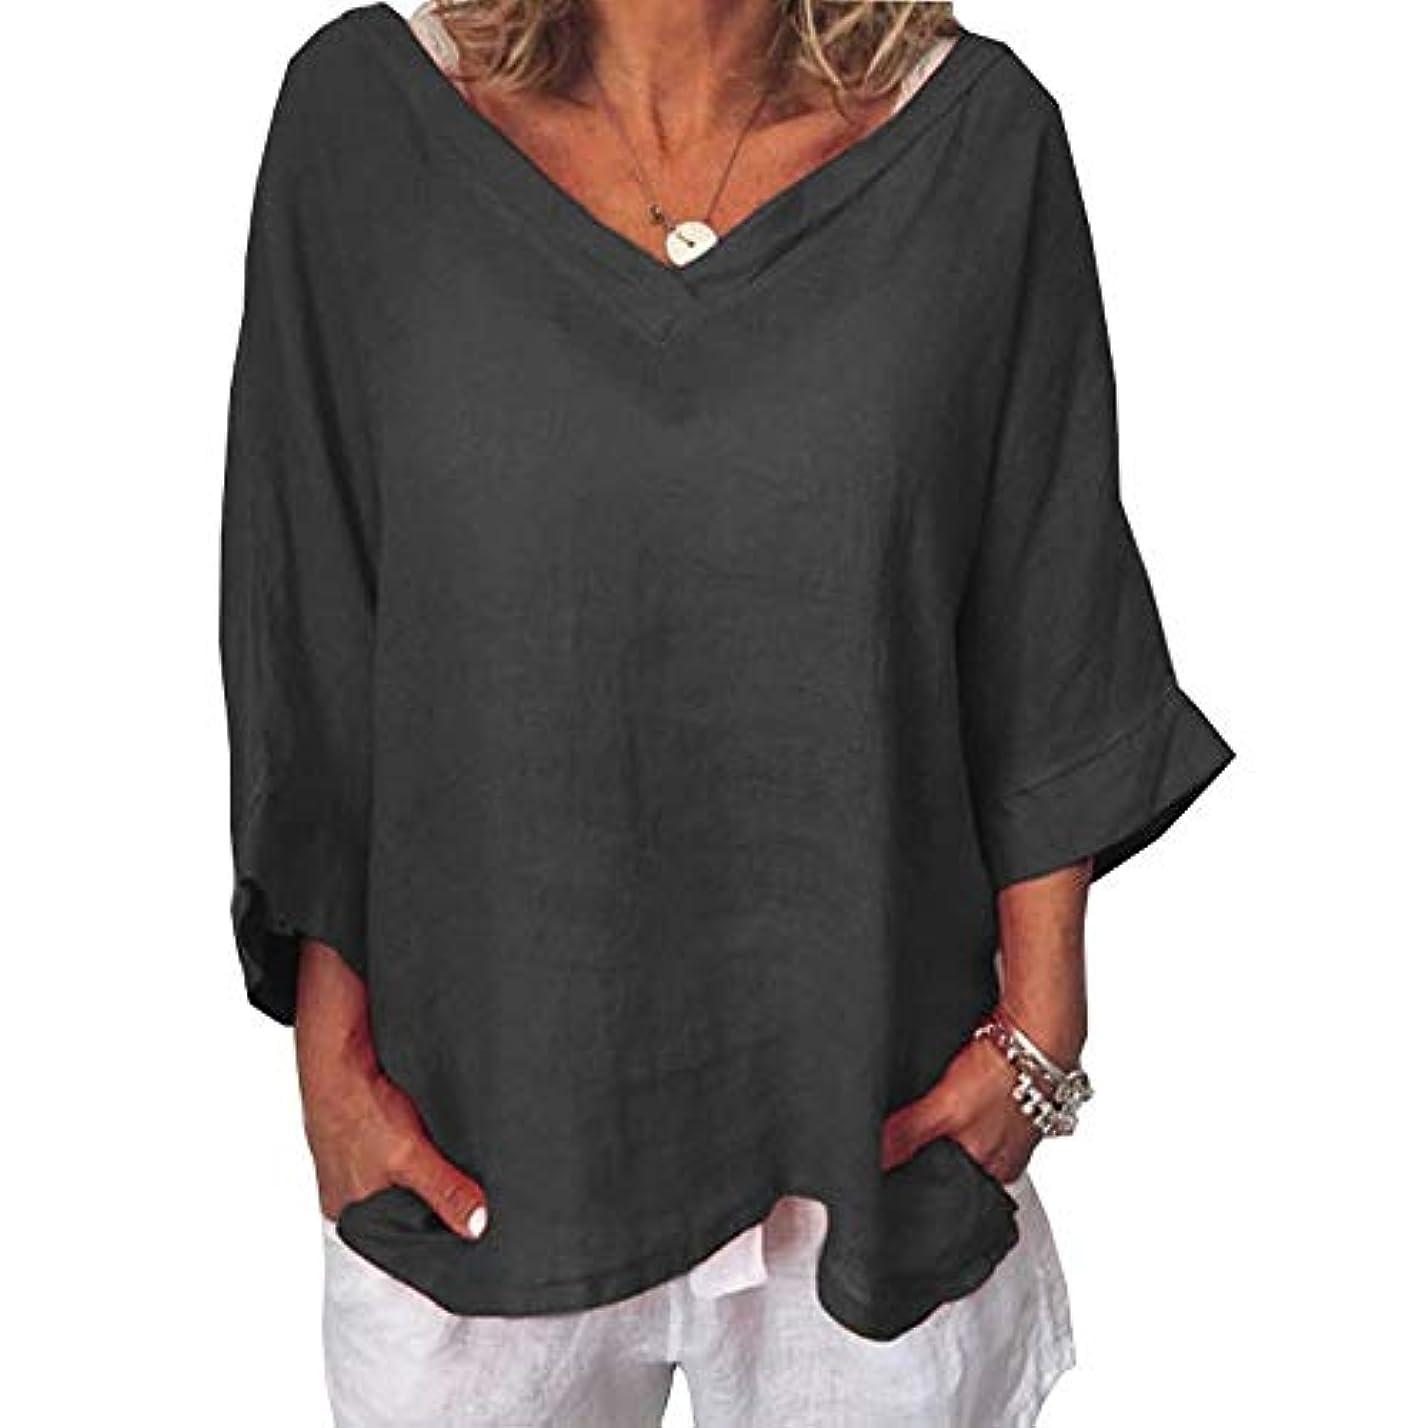 MIFAN女性ファッションカジュアルVネックトップス無地長袖Tシャツルーズボヘミアンビーチウェア